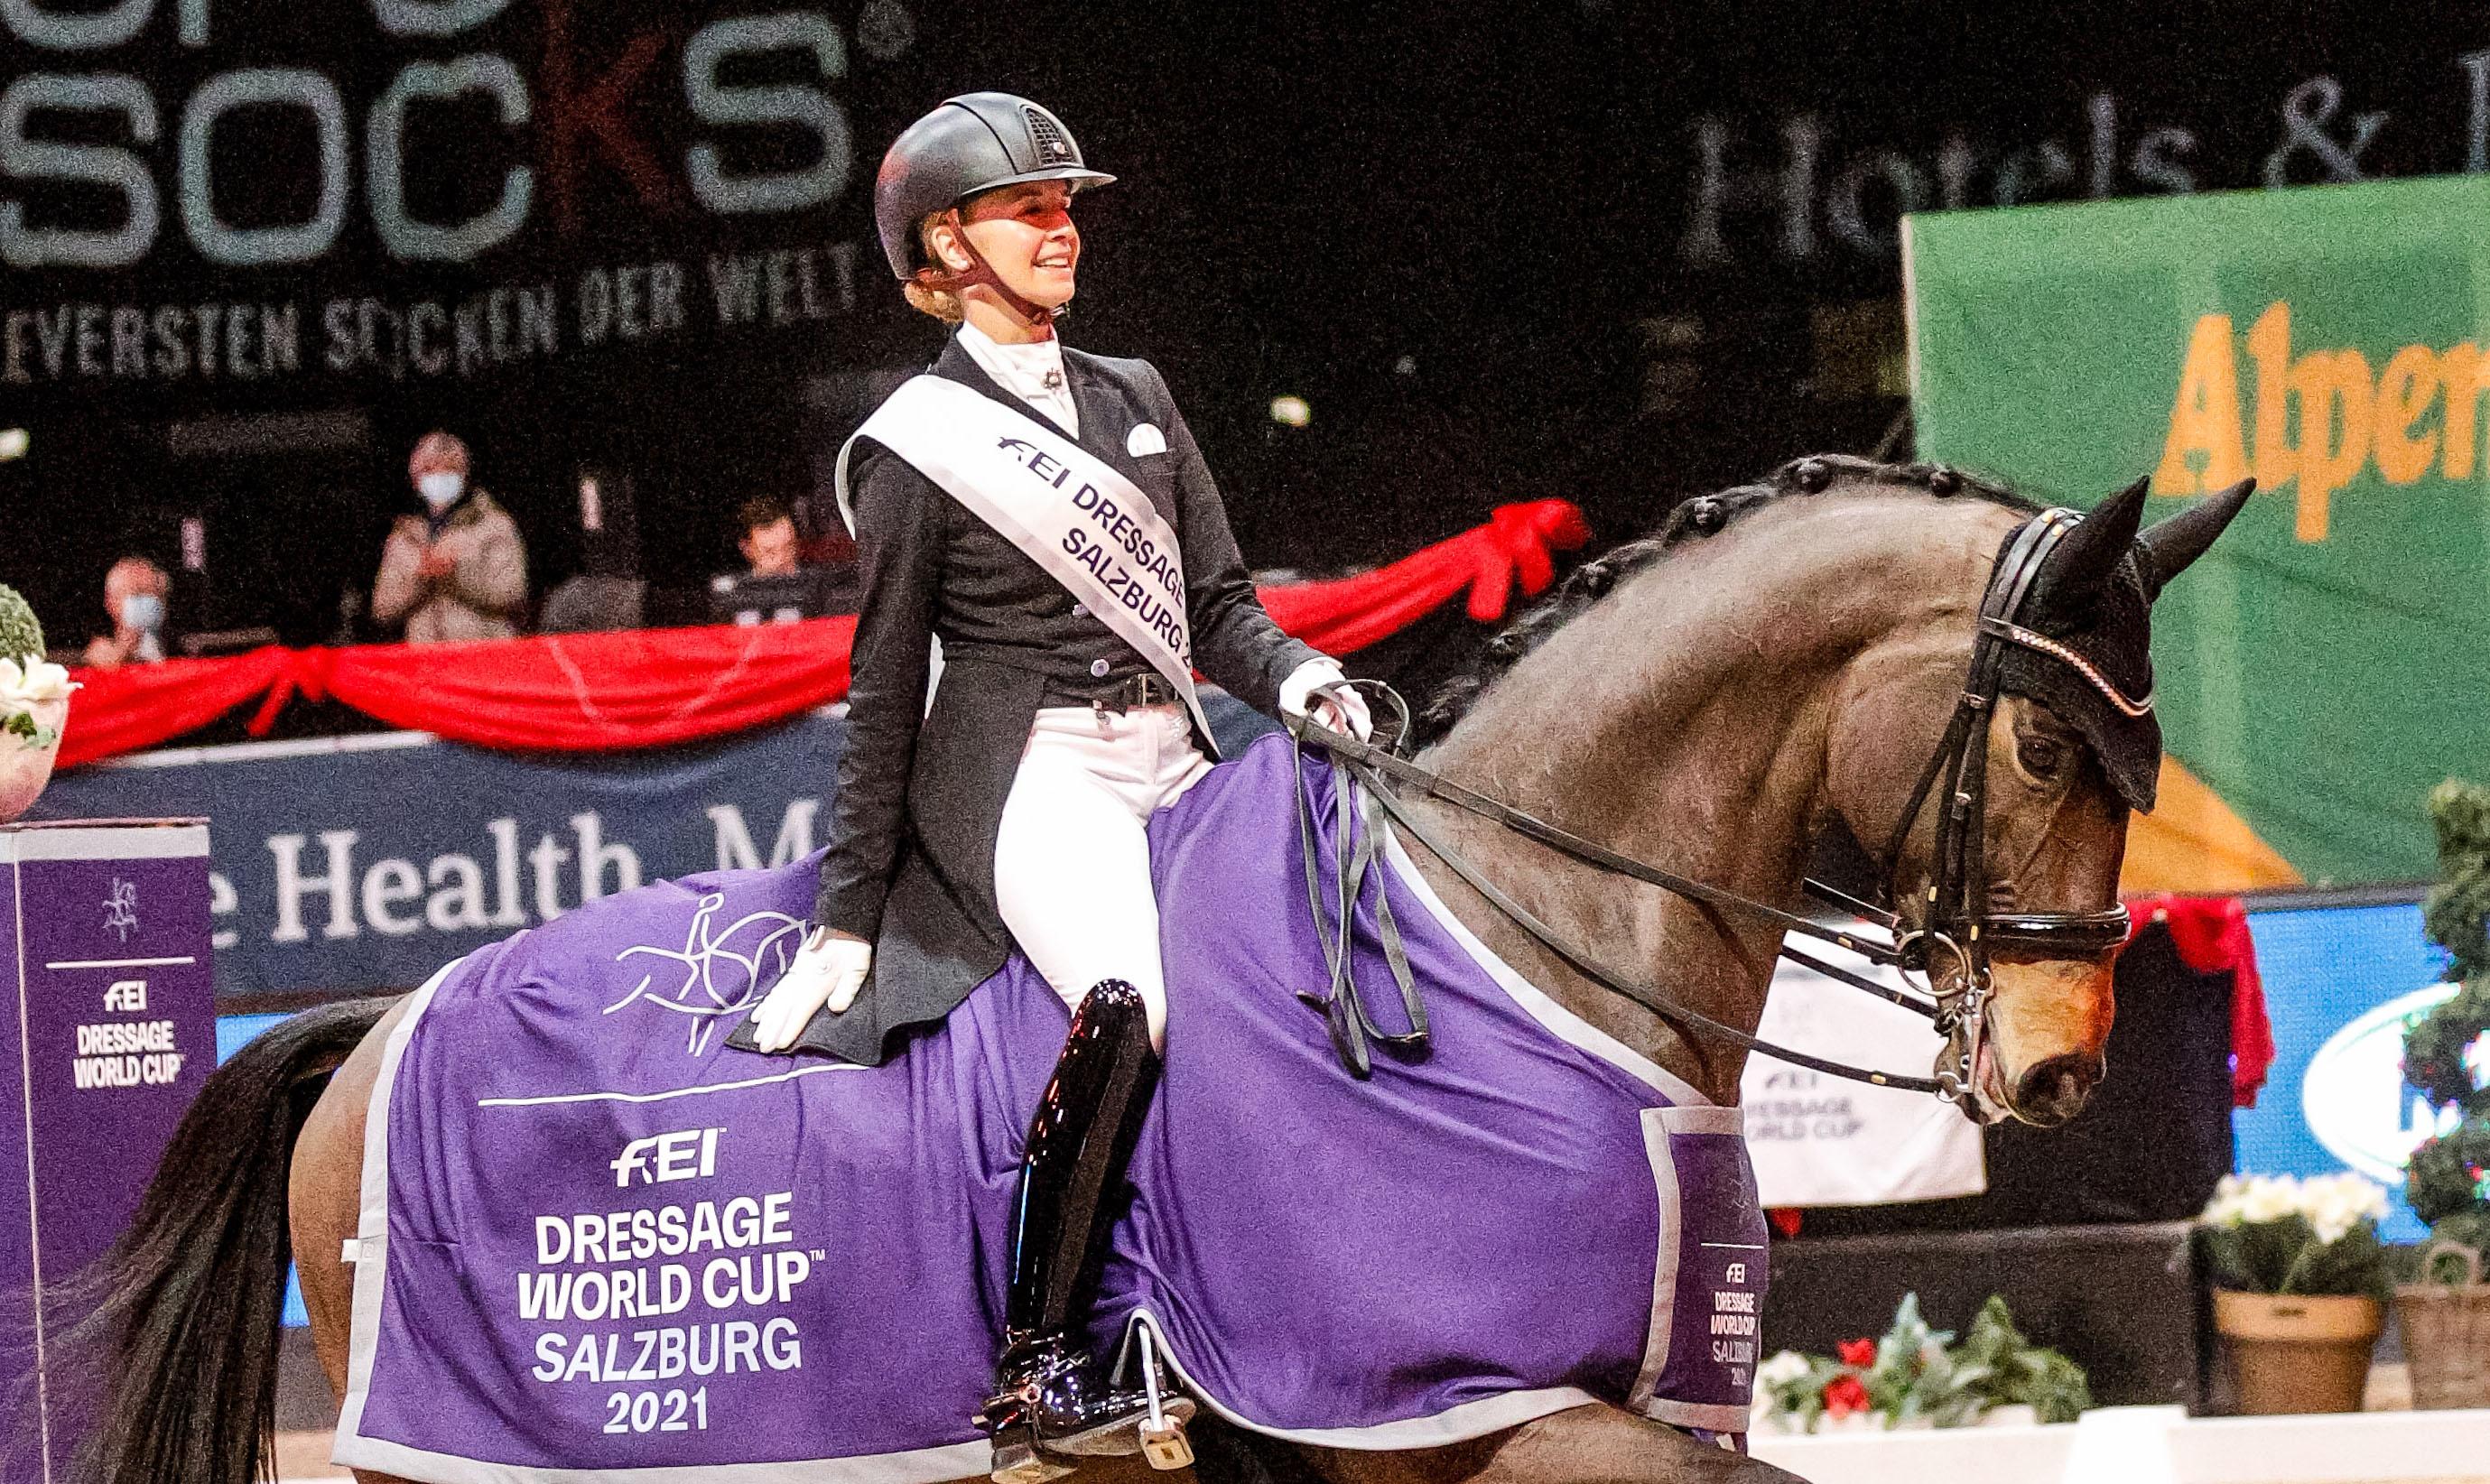 Salzburg: Dalera gewinnt Weltcup-Kür